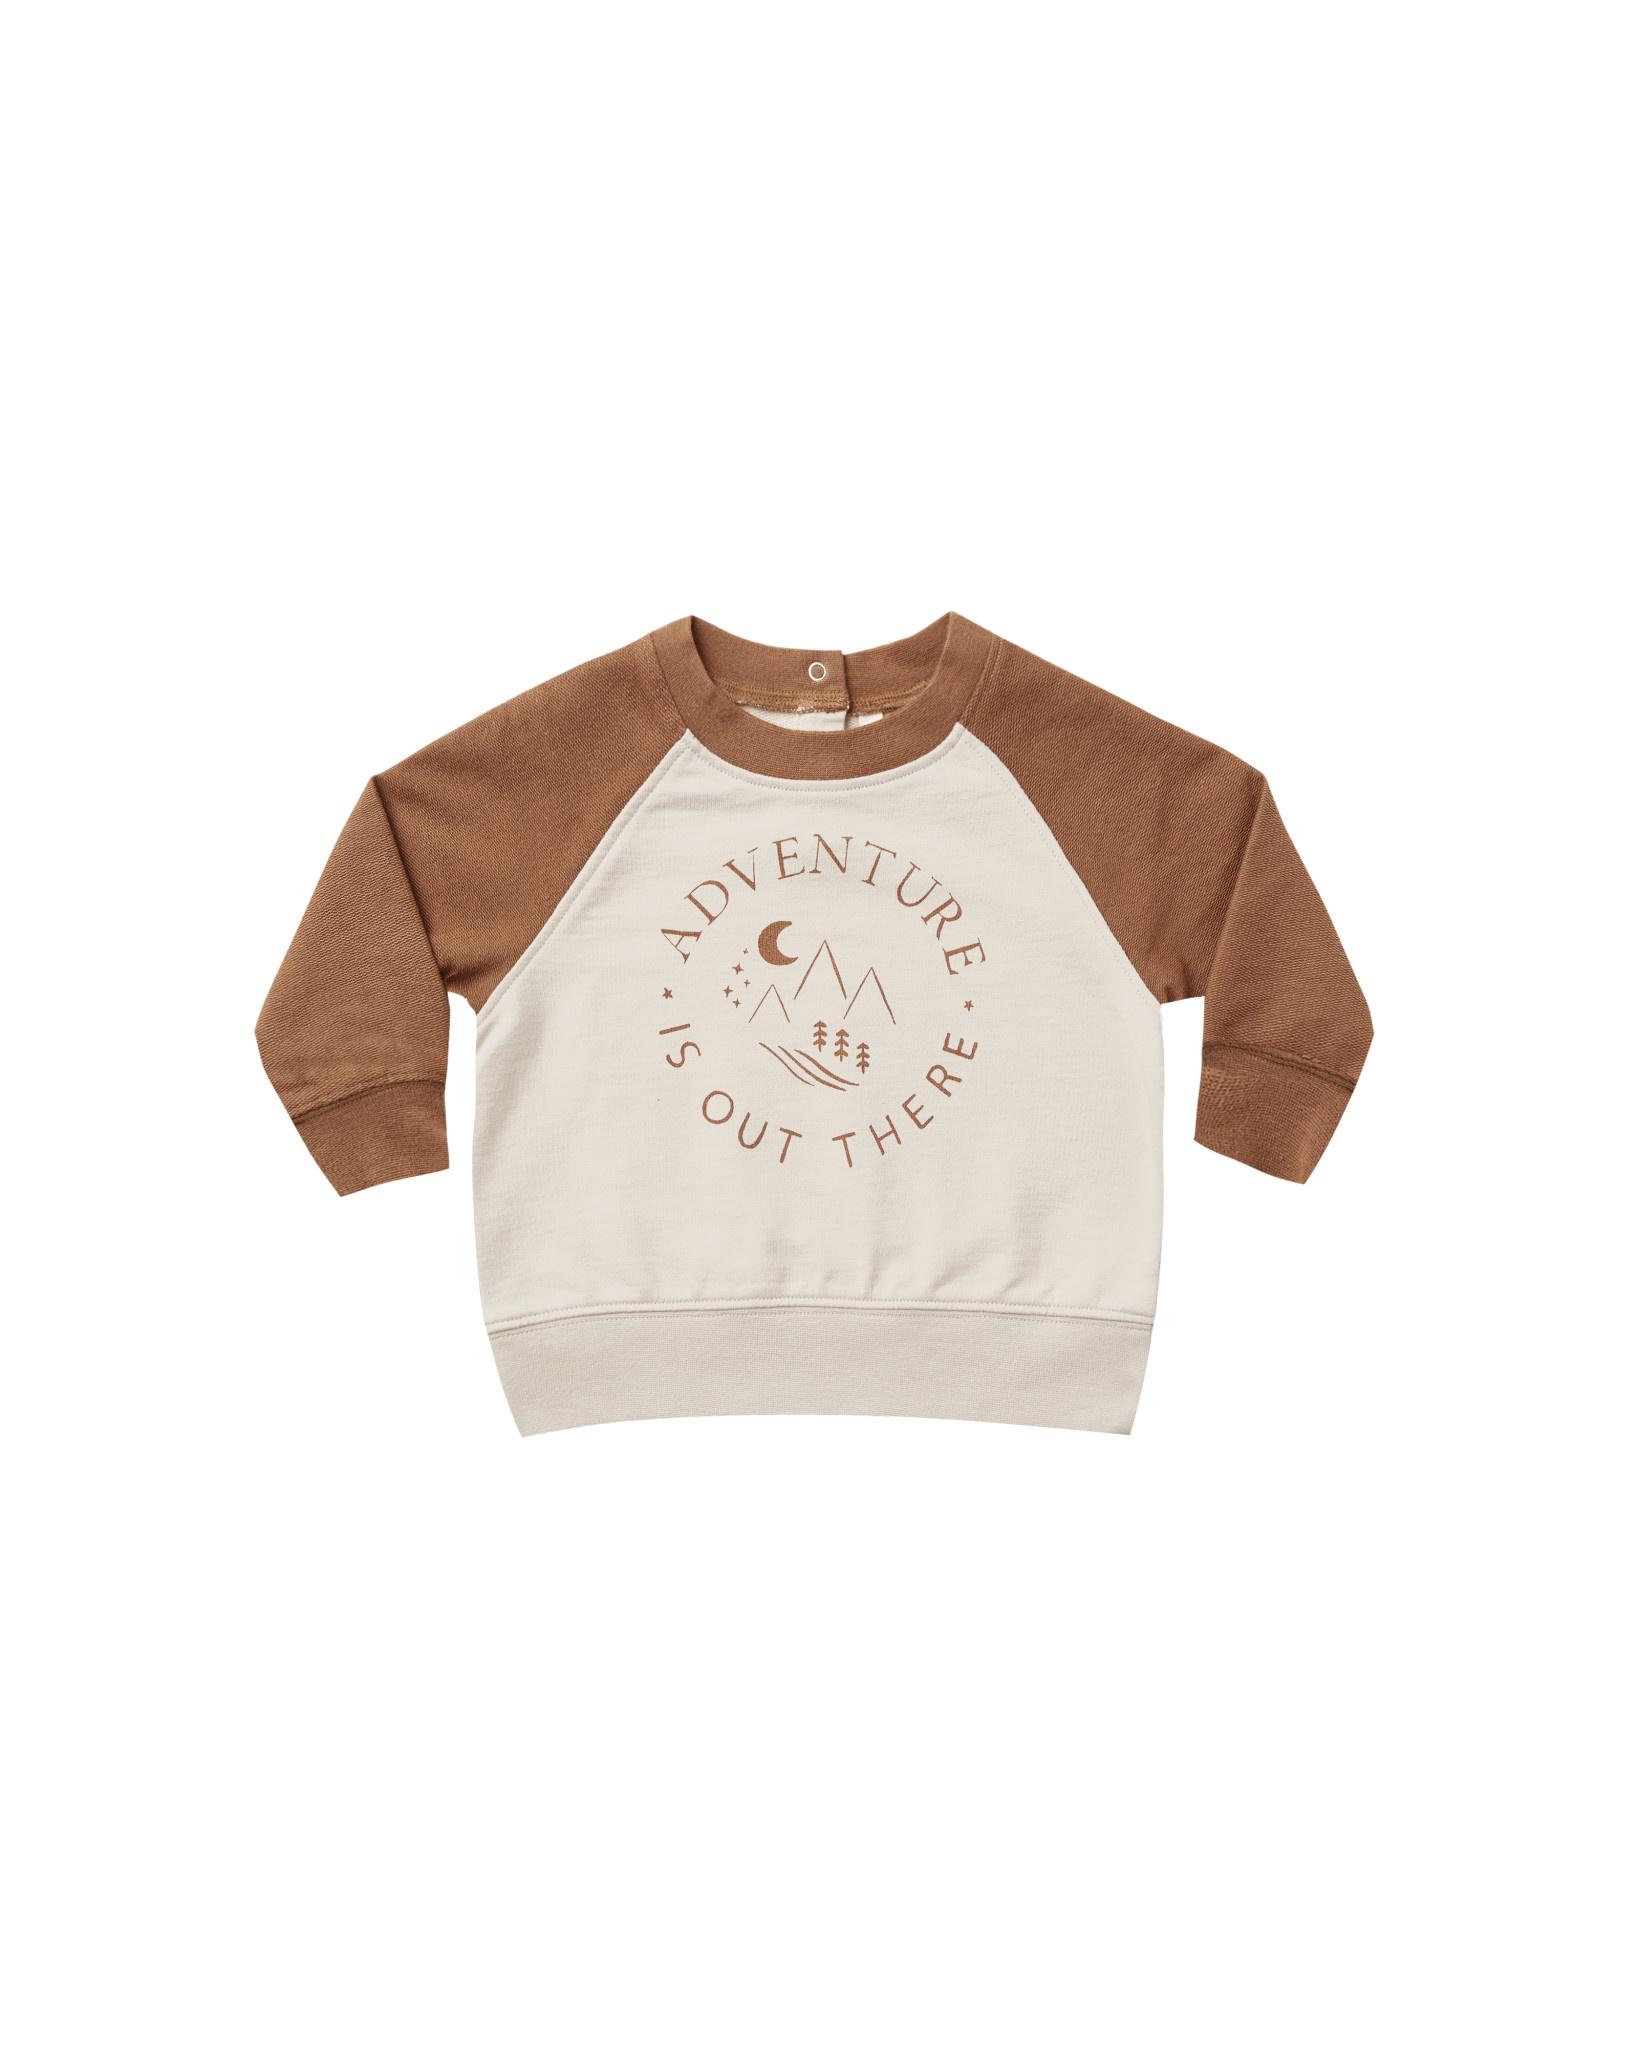 RYLEE AND CRU Adventure Raglan Sweatshirt